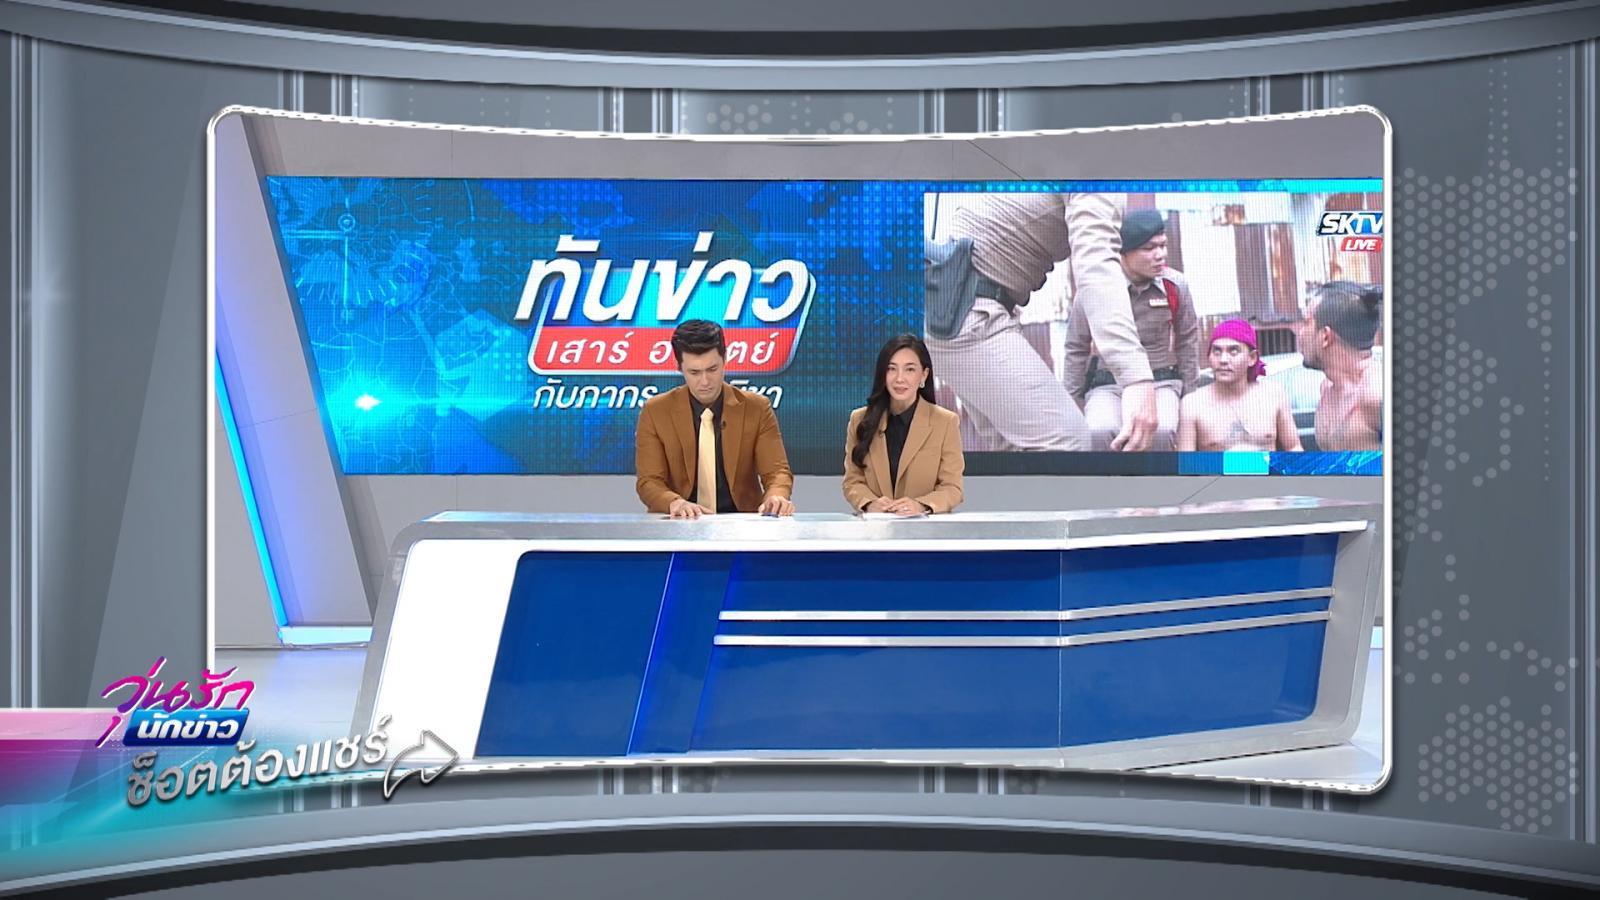 วุ่นรักนักข่าว EP.17 | ฟินสุด | ช็อตต้องแชร์ | PPTV HD 36